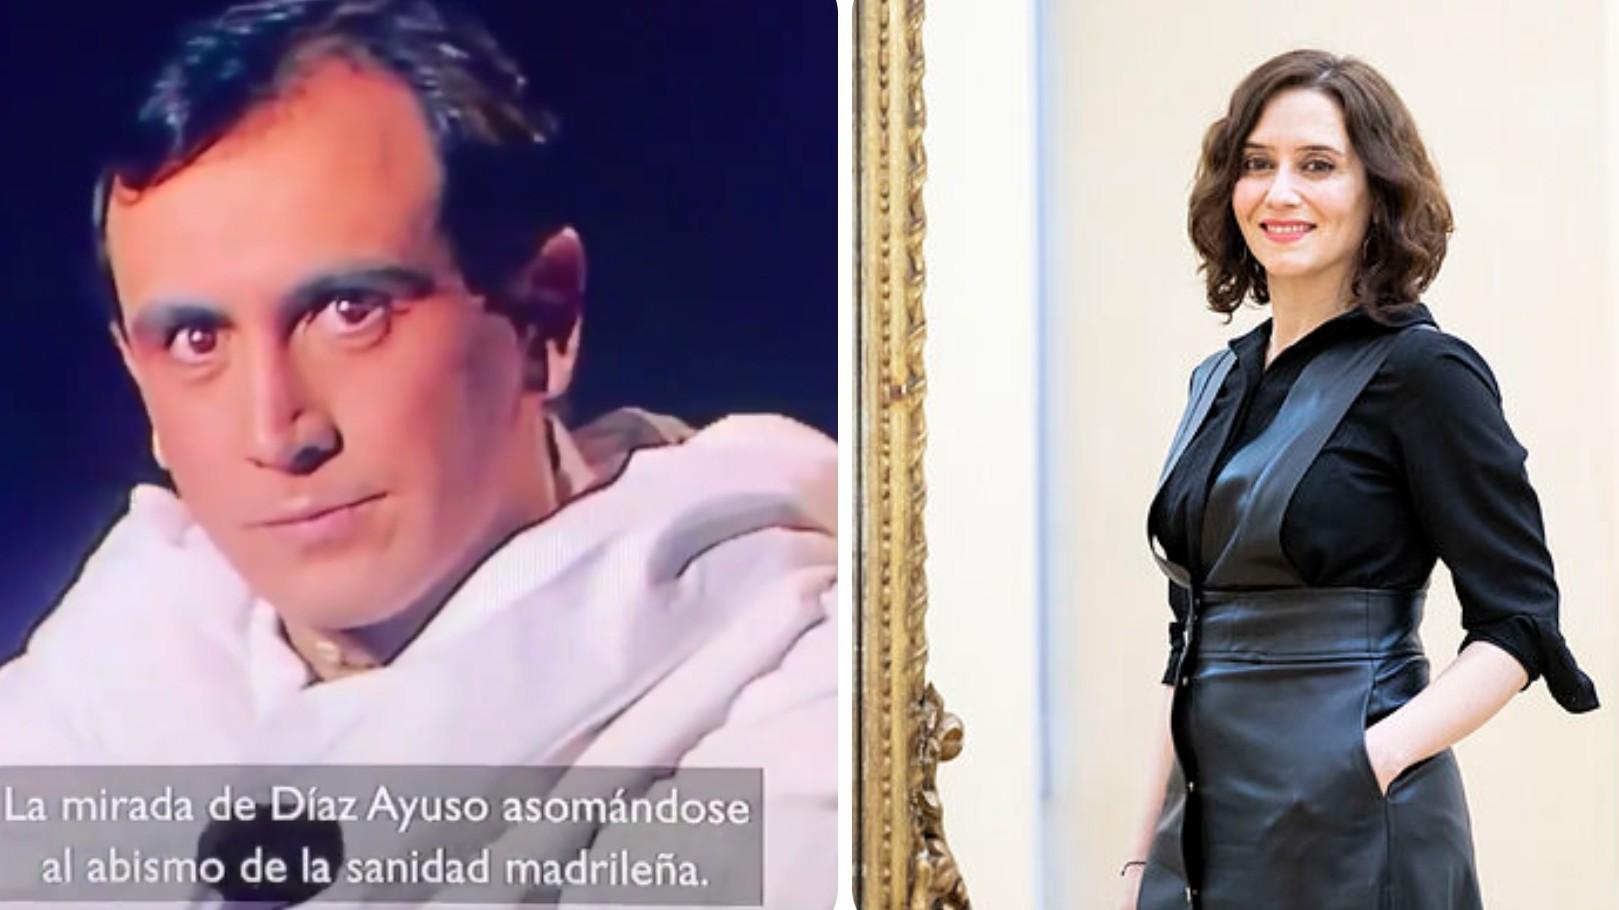 'Cachitos': TVE hace campaña contra Díaz Ayuso bajo la falsa apariencia de las bromas